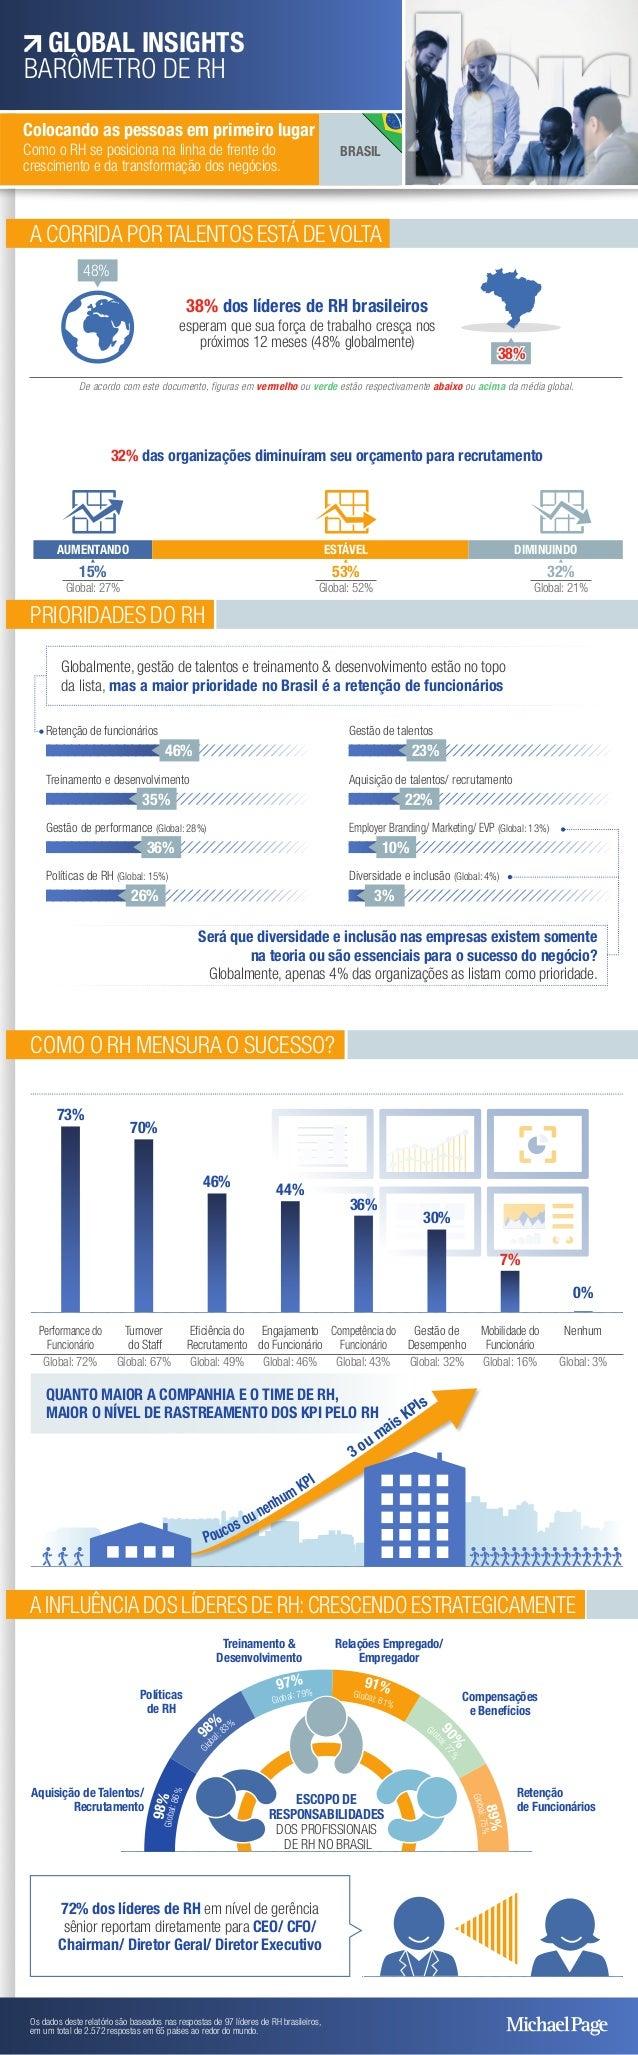 A CORRIDA PORTALENTOS ESTÁ DEVOLTA 32% das organizações diminuíram seu orçamento para recrutamento 15% 53% 32% AUMENTANDO ...